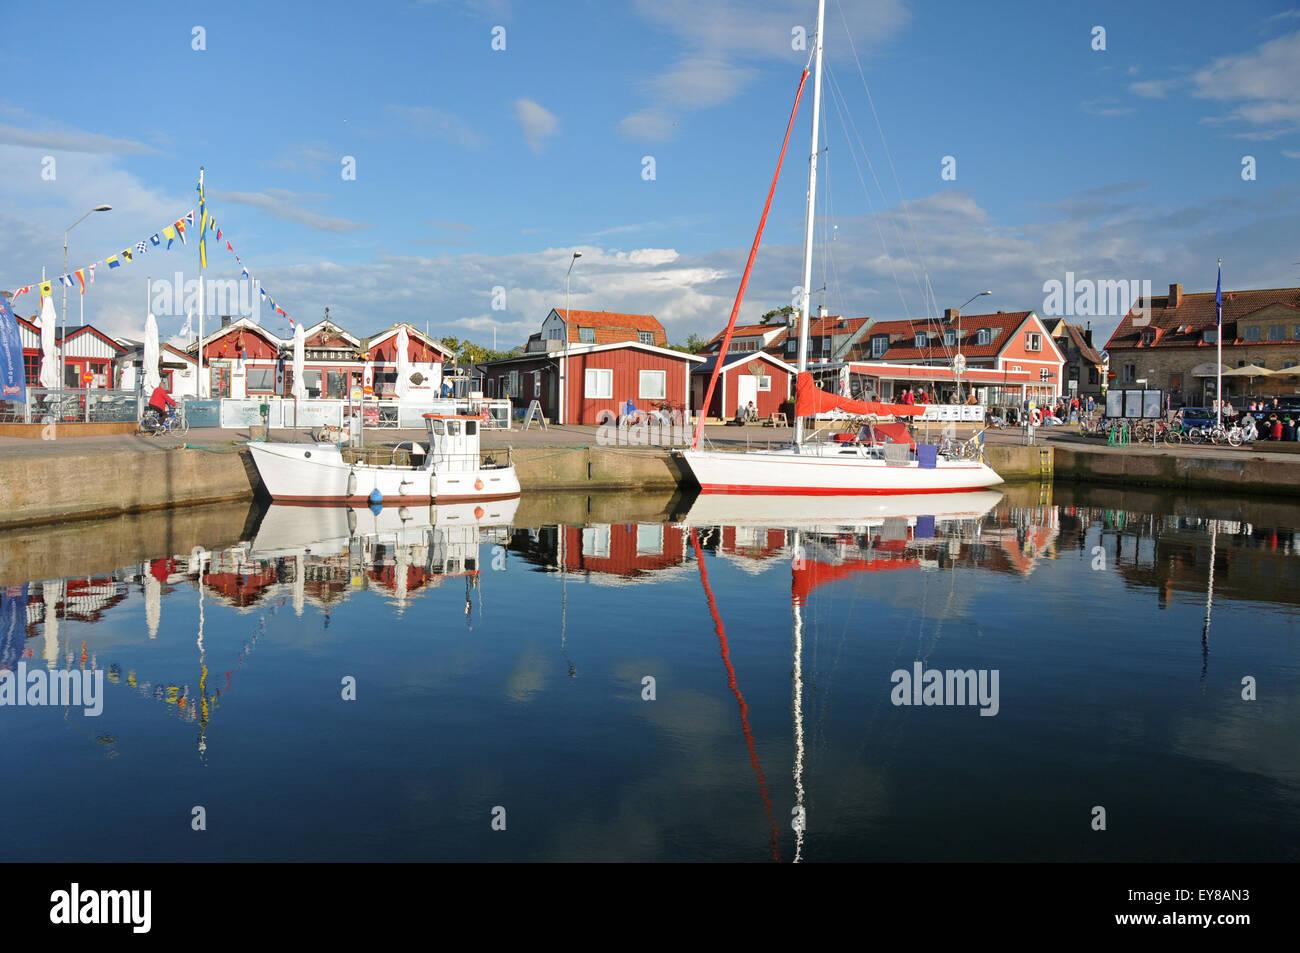 Hafen und Boote an der Westküste Dorf von Torekov in Skane in Südschweden Stockbild